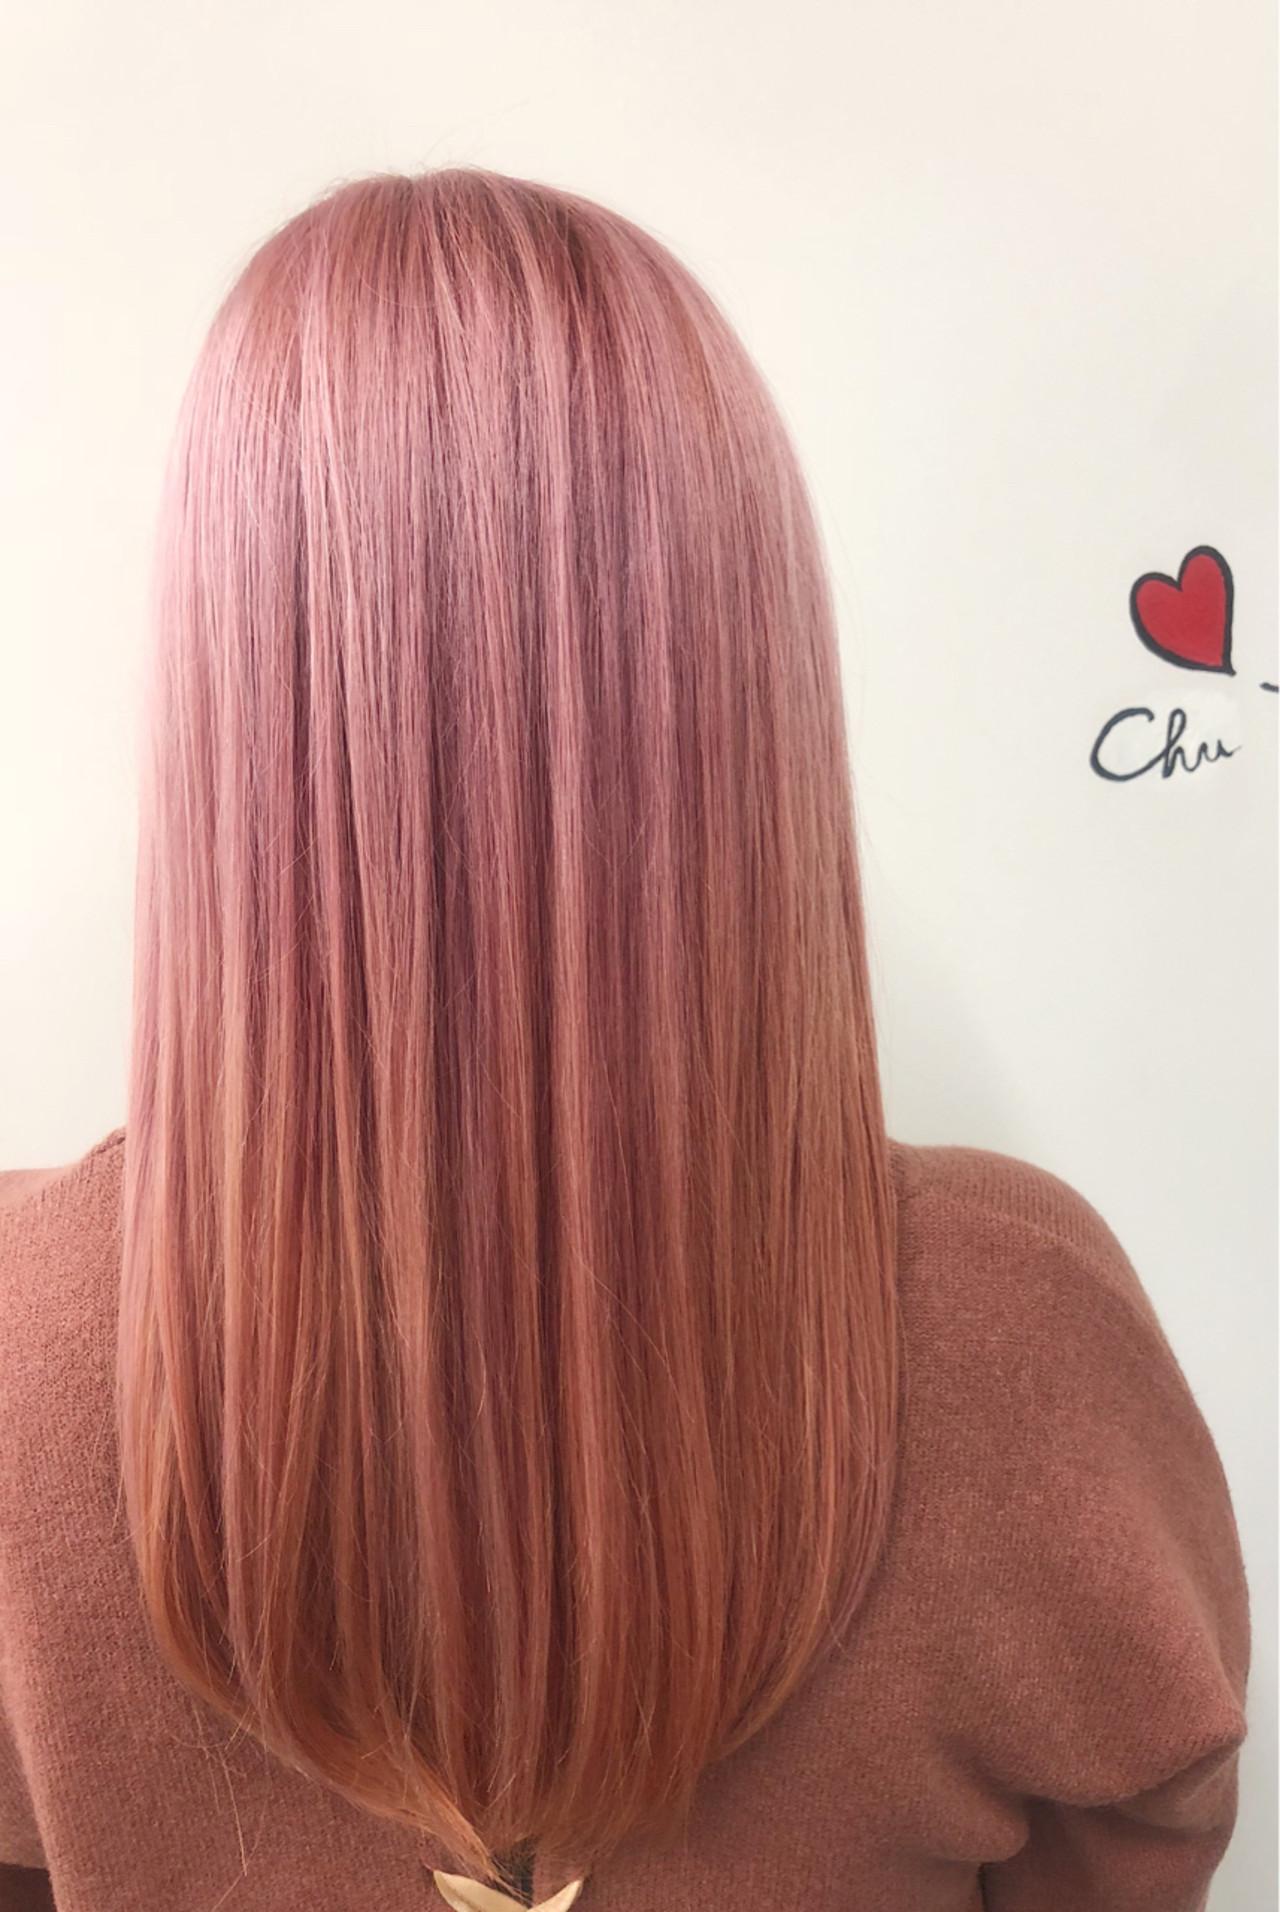 ブリーチ ロング ピンク ガーリー ヘアスタイルや髪型の写真・画像 | 砂川 航 / CYNDY color salon